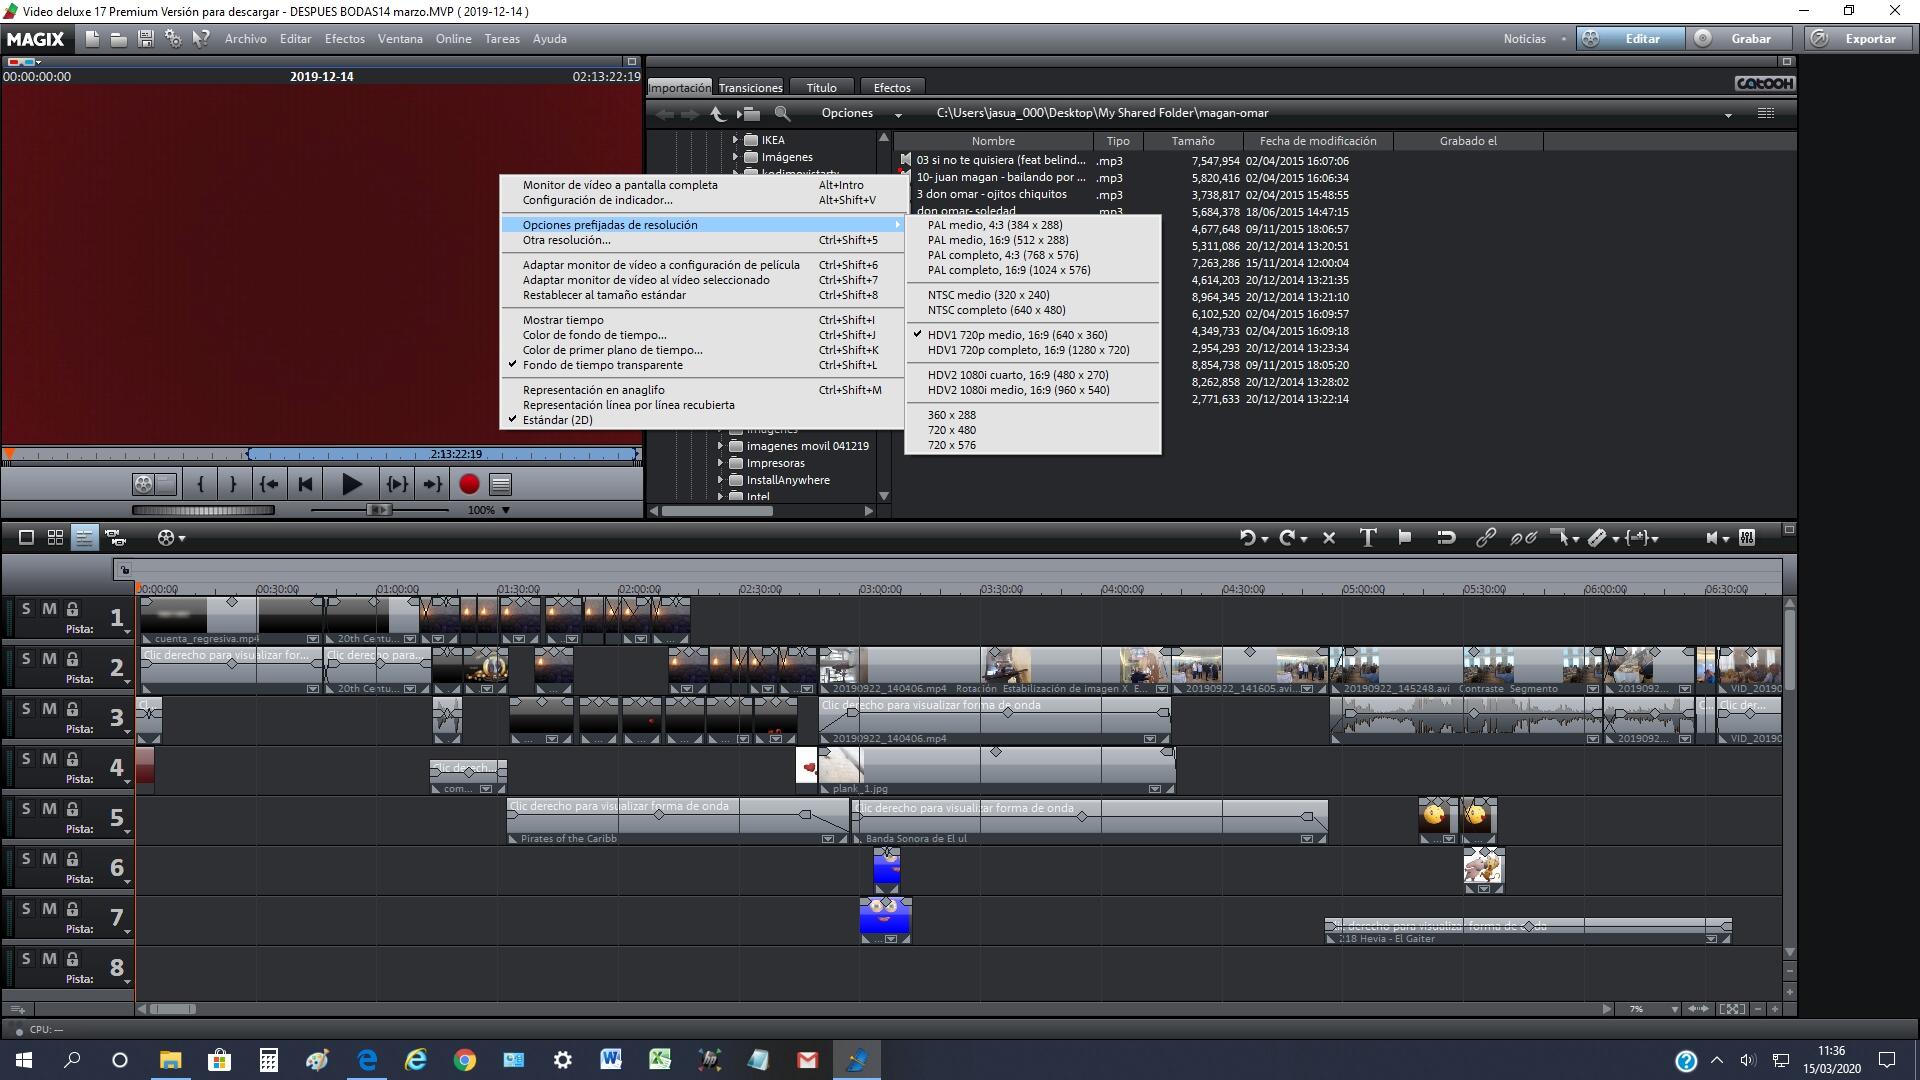 Screenshot MAGIX Video deluxe 2020-03-15_11-36.JPG